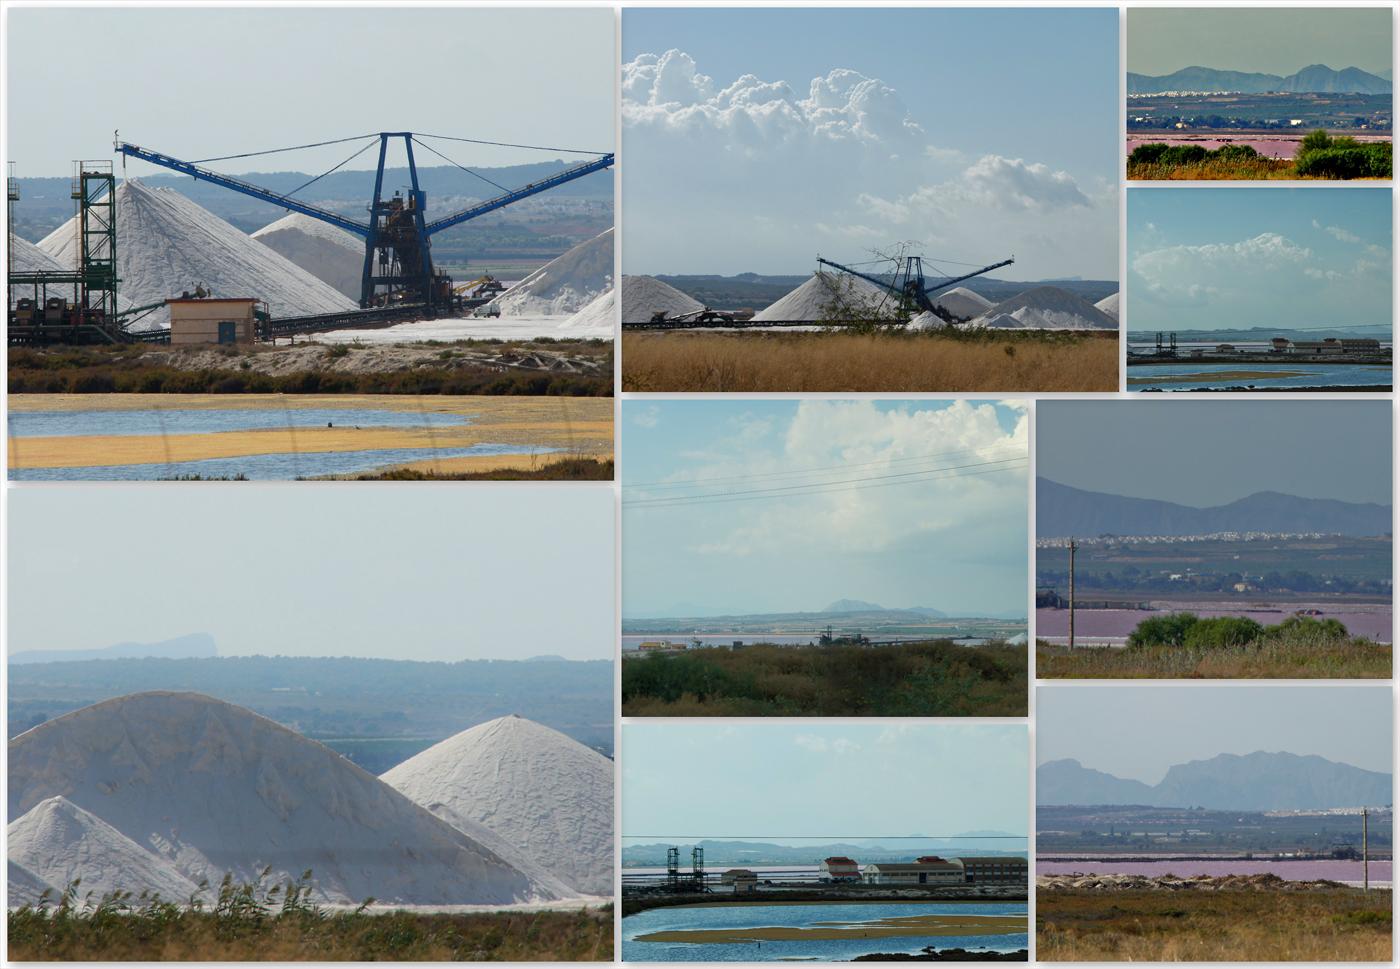 ..das Salz von Torrevieja..